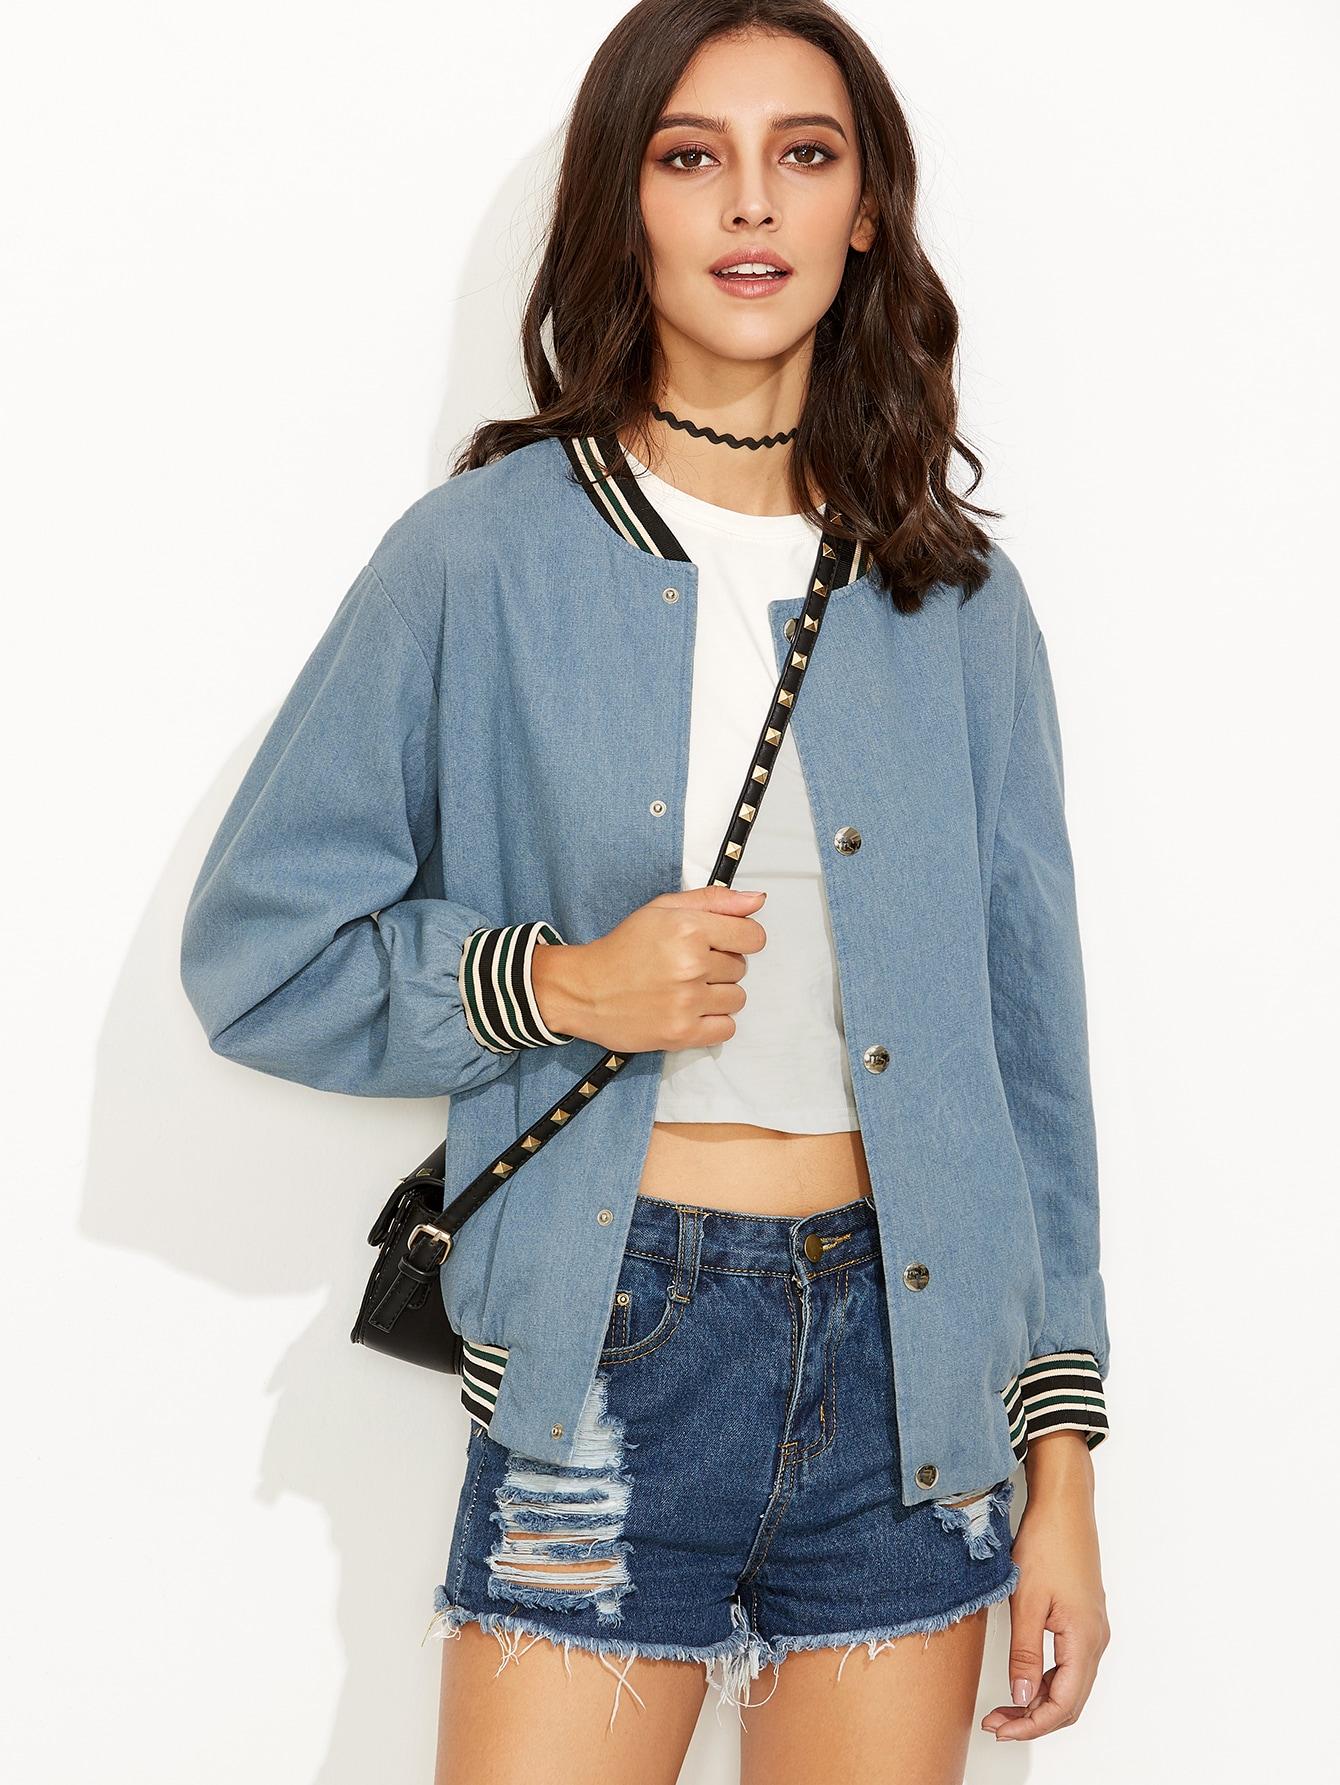 Women's Jackets - Leather, Winter, Denim & Bomber Jackets | Romwe.com